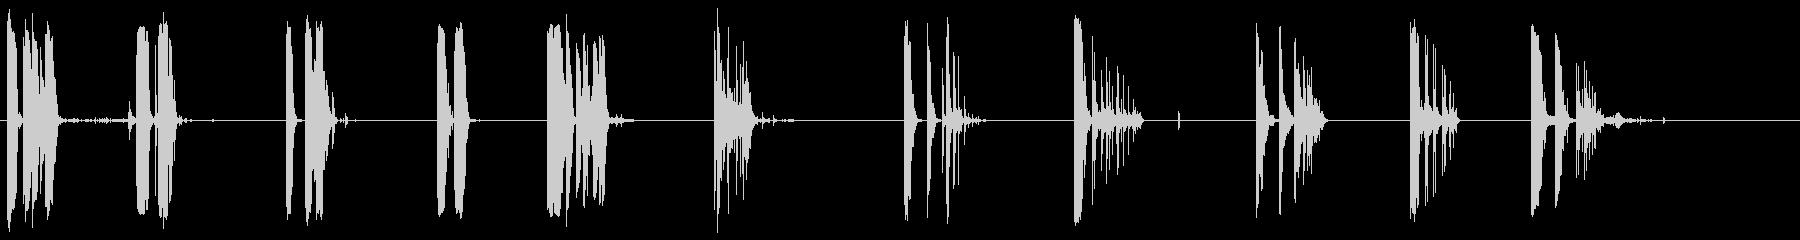 シェルケーシングヒットストーン1-10の未再生の波形